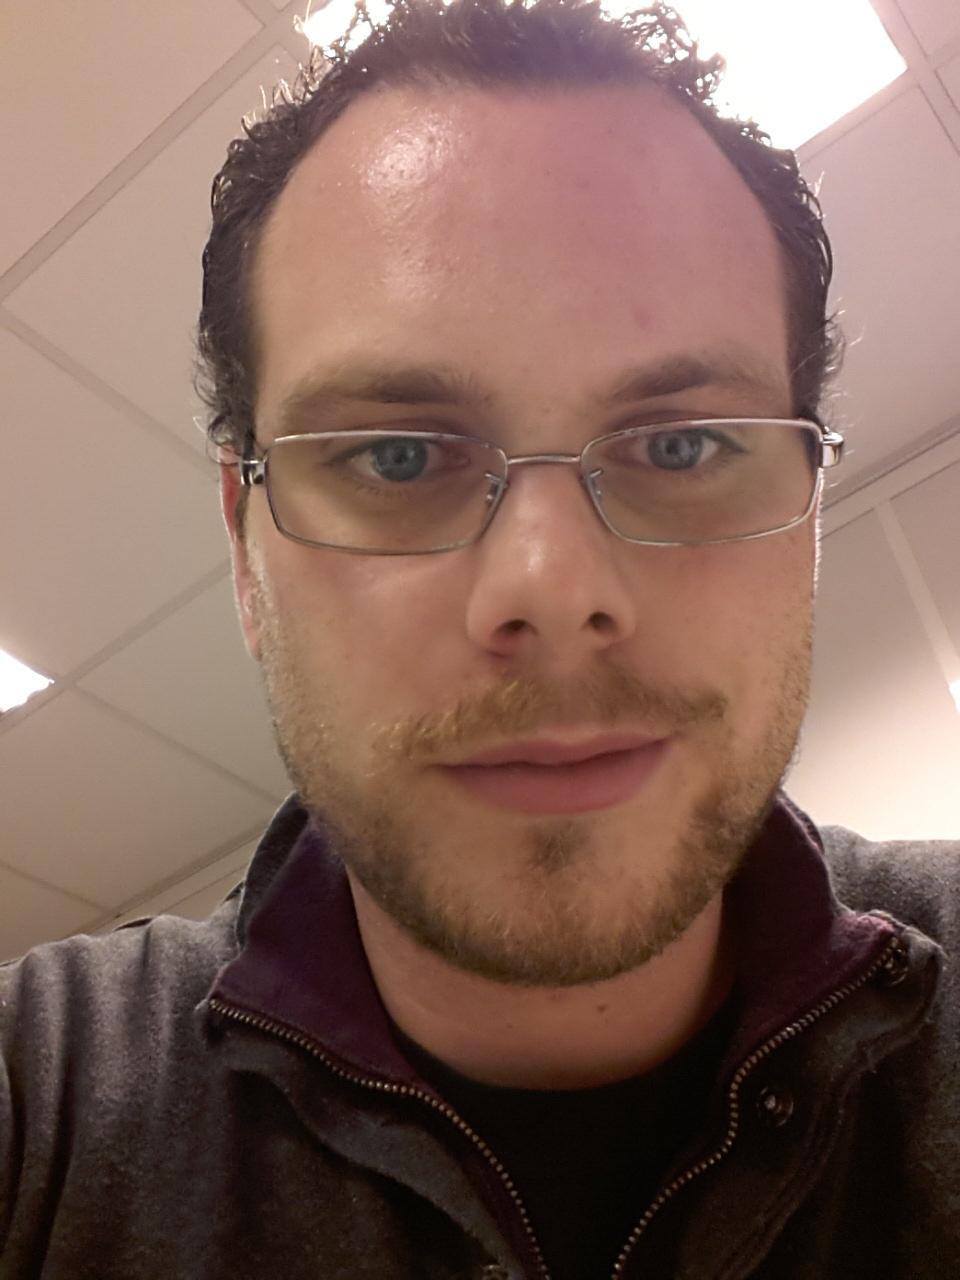 Movember : 3rd week begins -1/2 by SaTaNiA